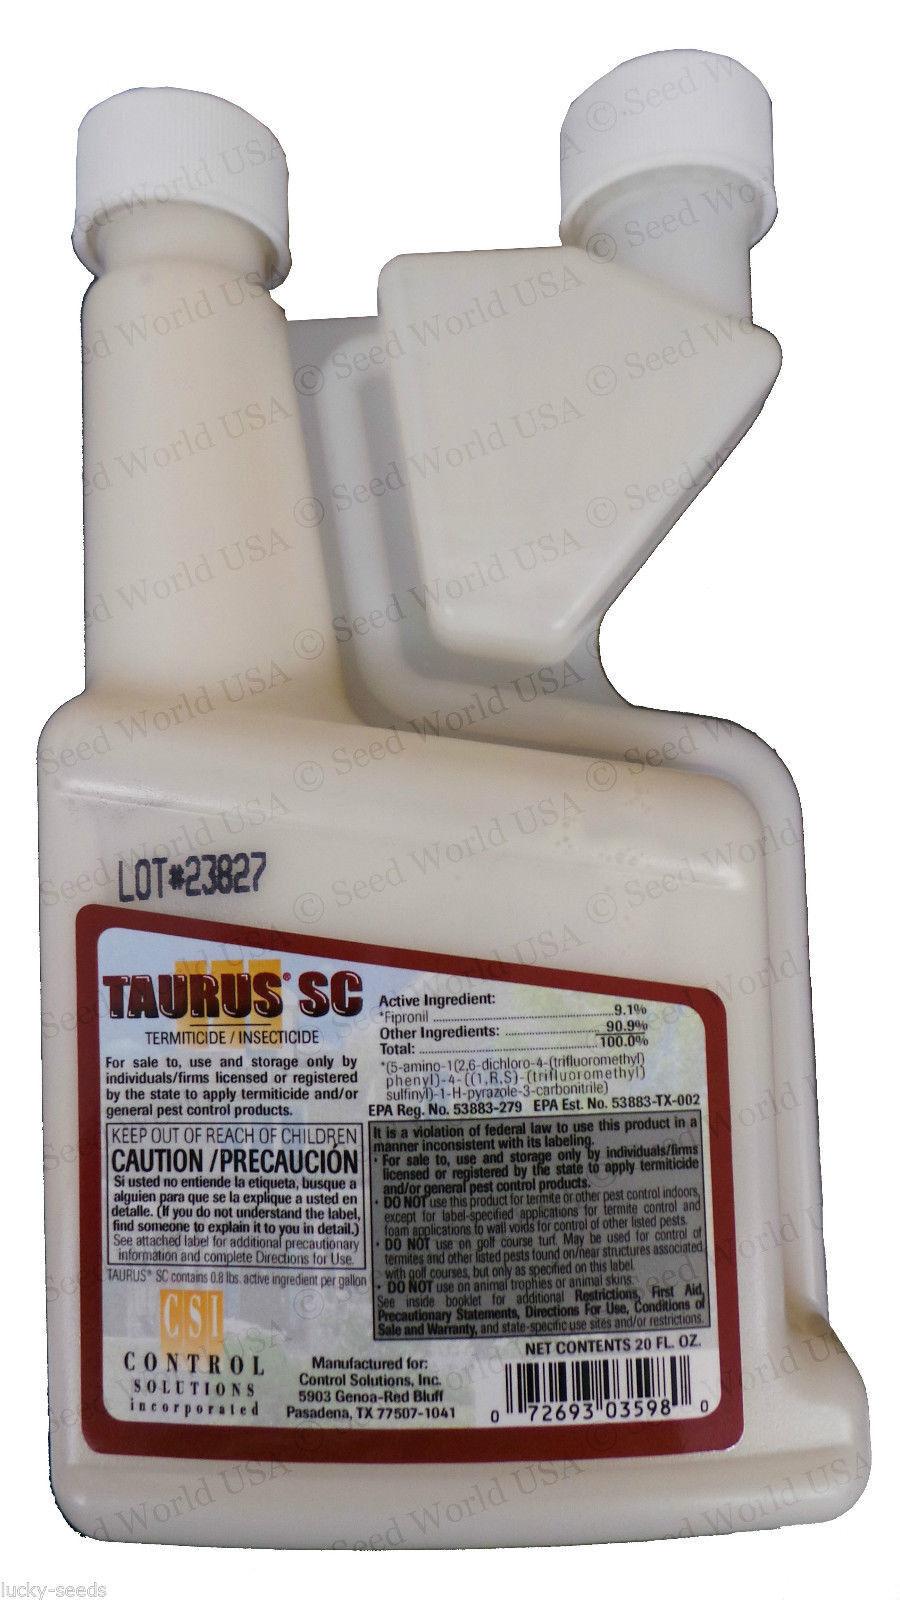 Taurus SC Termiticide insecticida - 20 OZ (Termidor Sc alternativa)